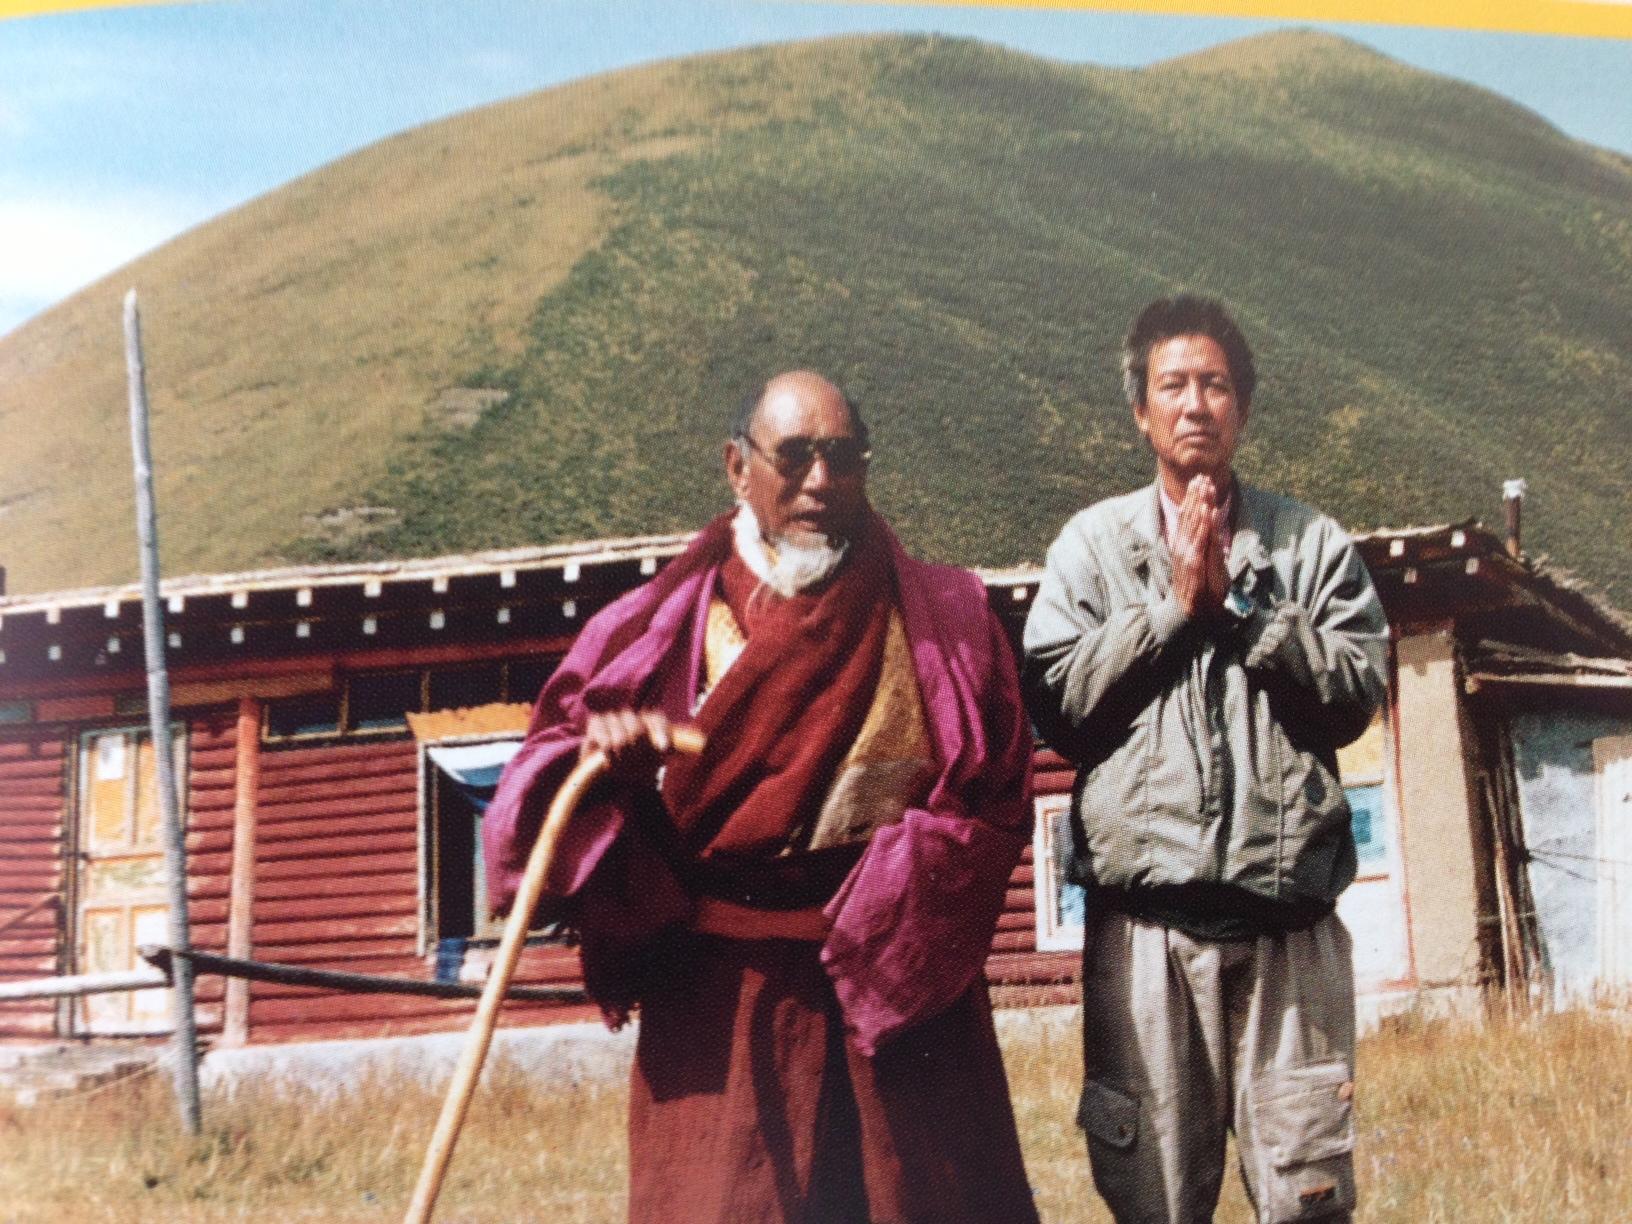 L- Khenpo Munsel R- Master Wang